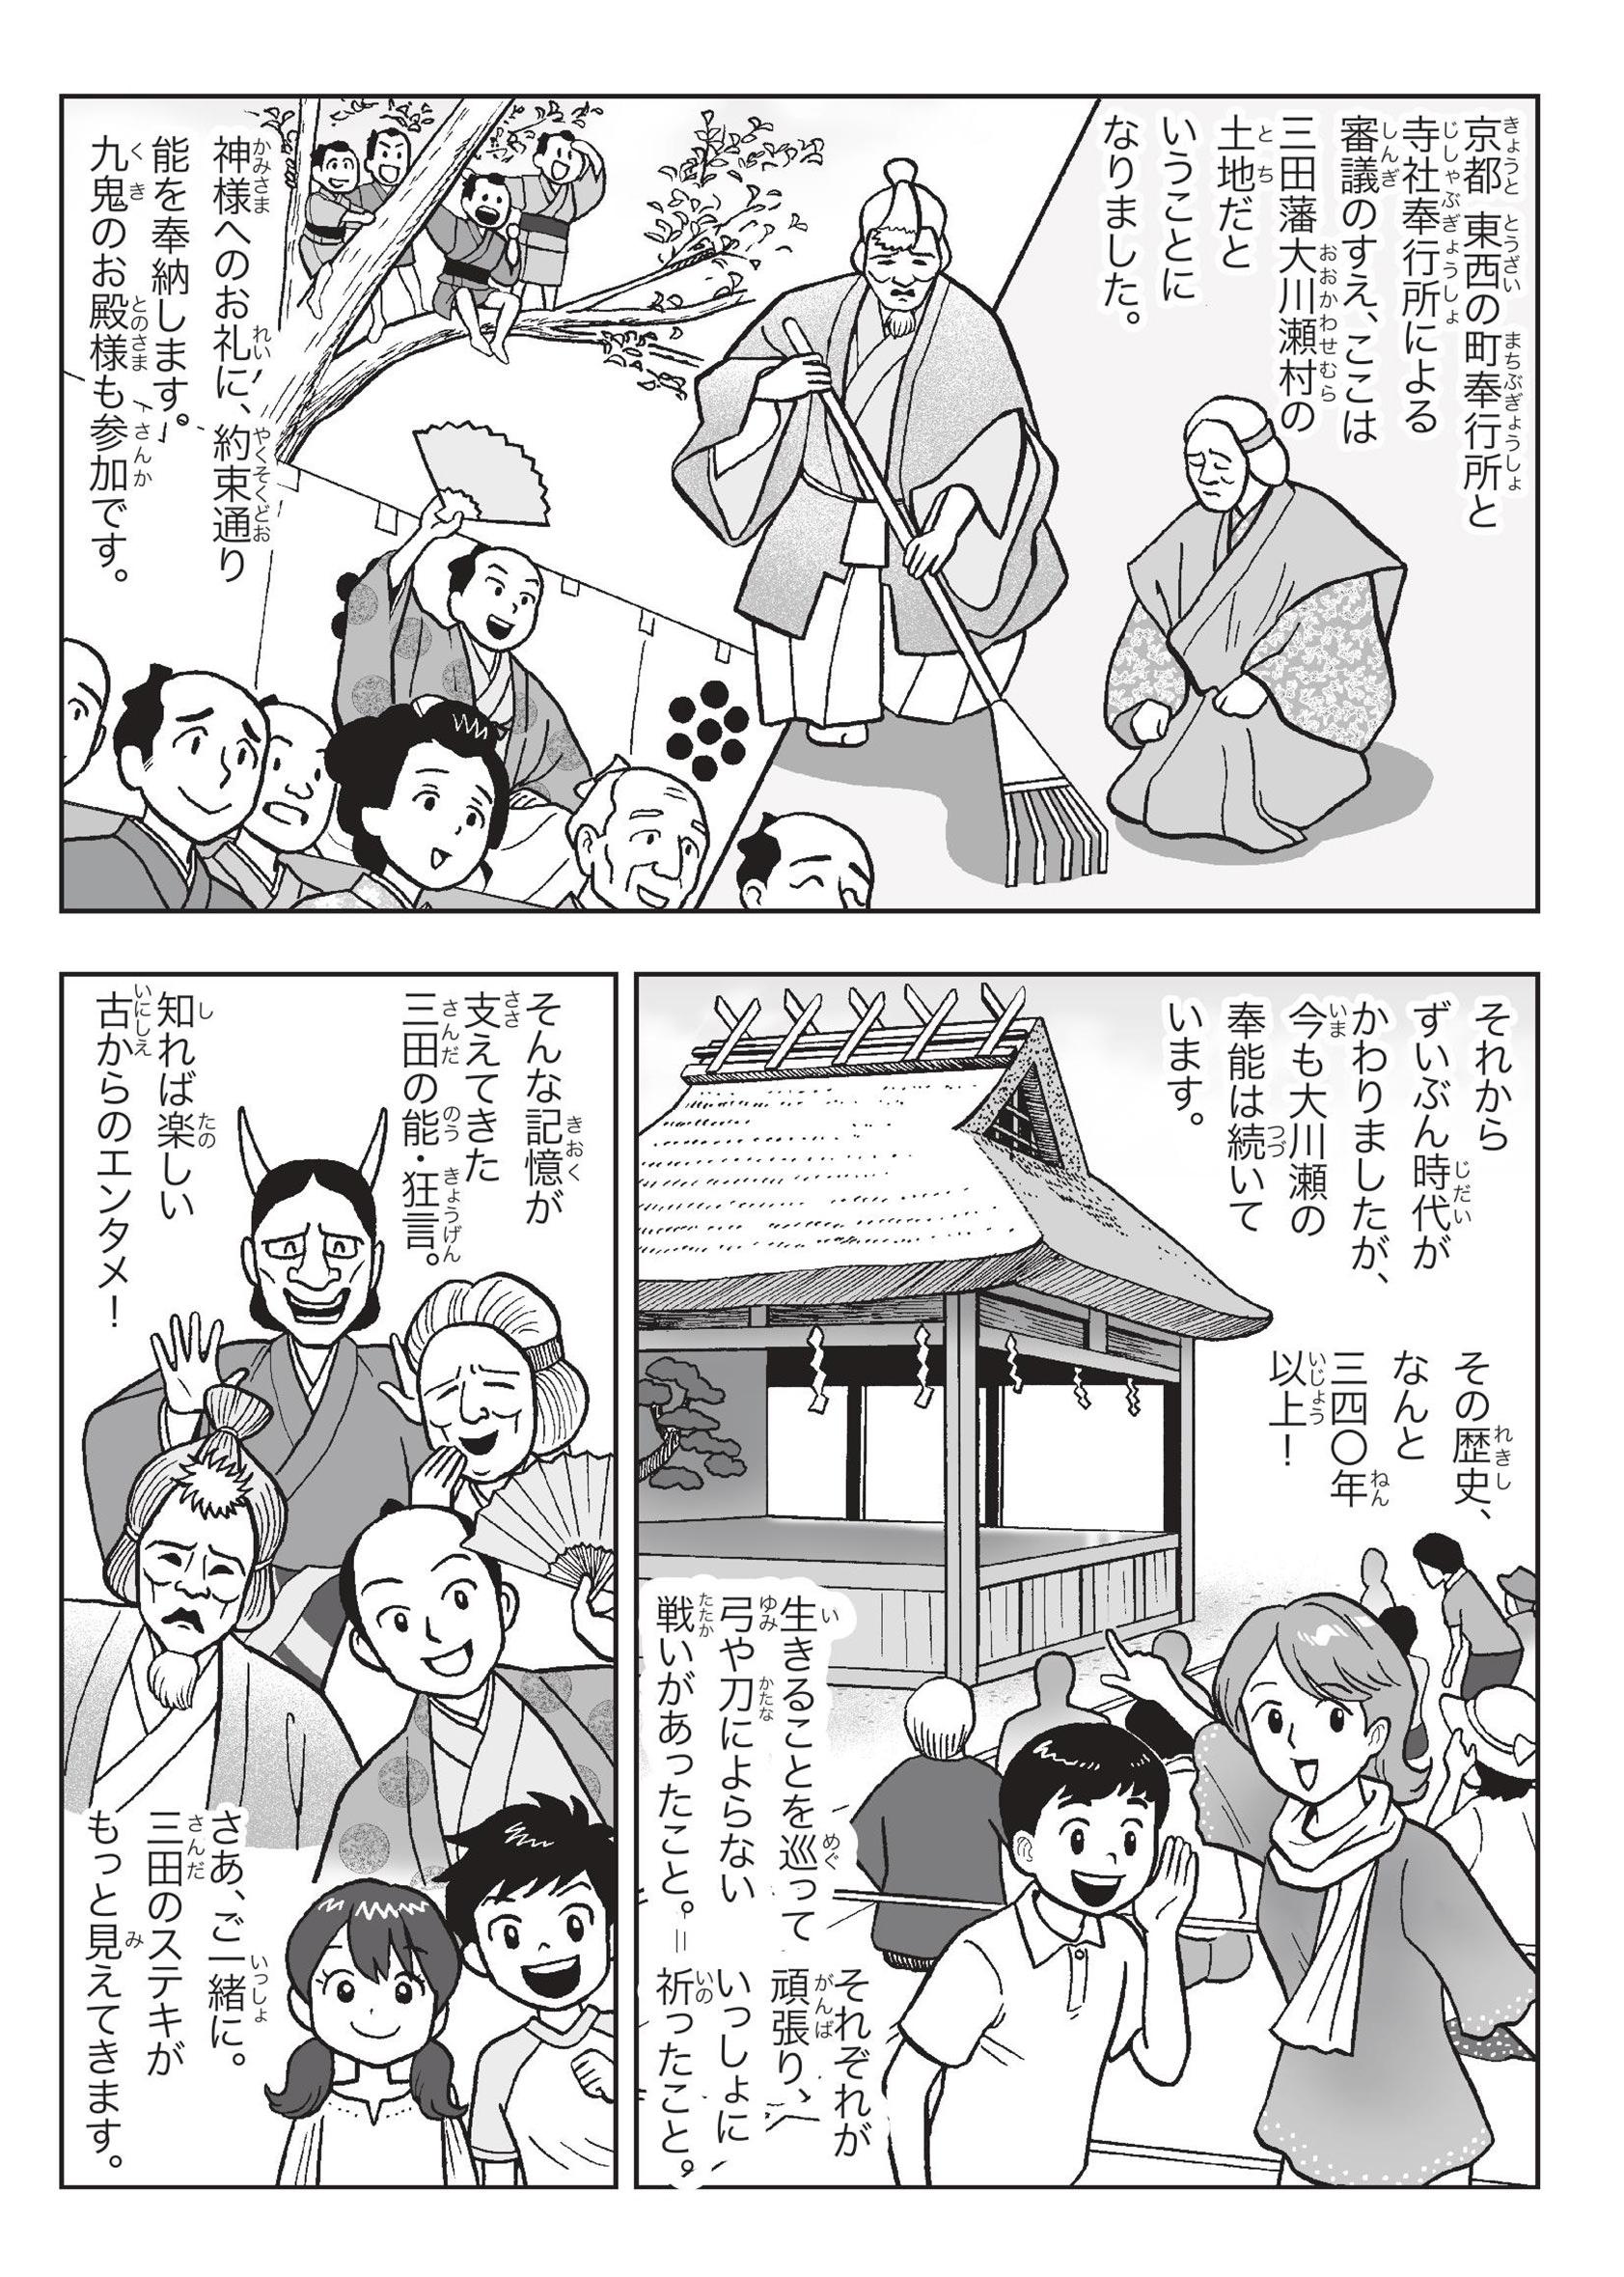 さんだ大川瀬の能はじまり物語(後半)